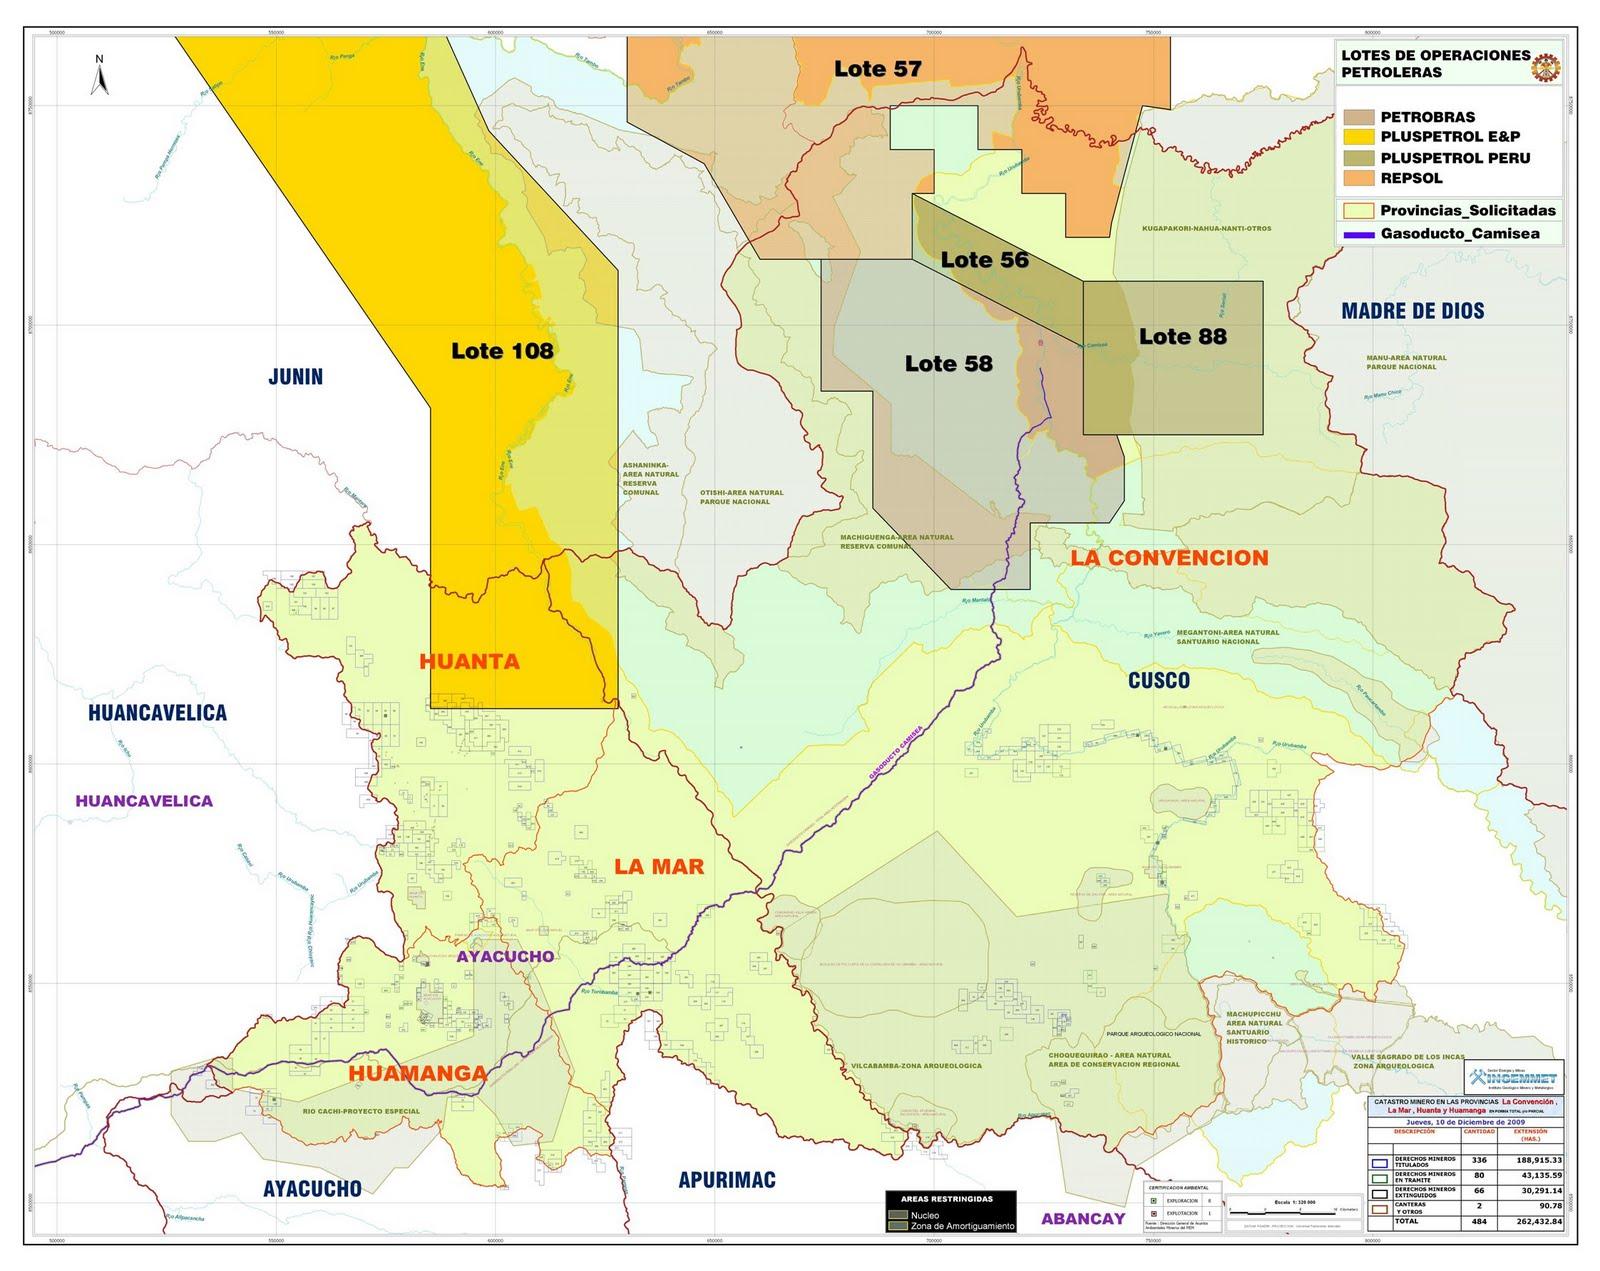 Cuenca del ene bajo amenaza por el lote petrolero 108 for Mi lote 1 ubicacion